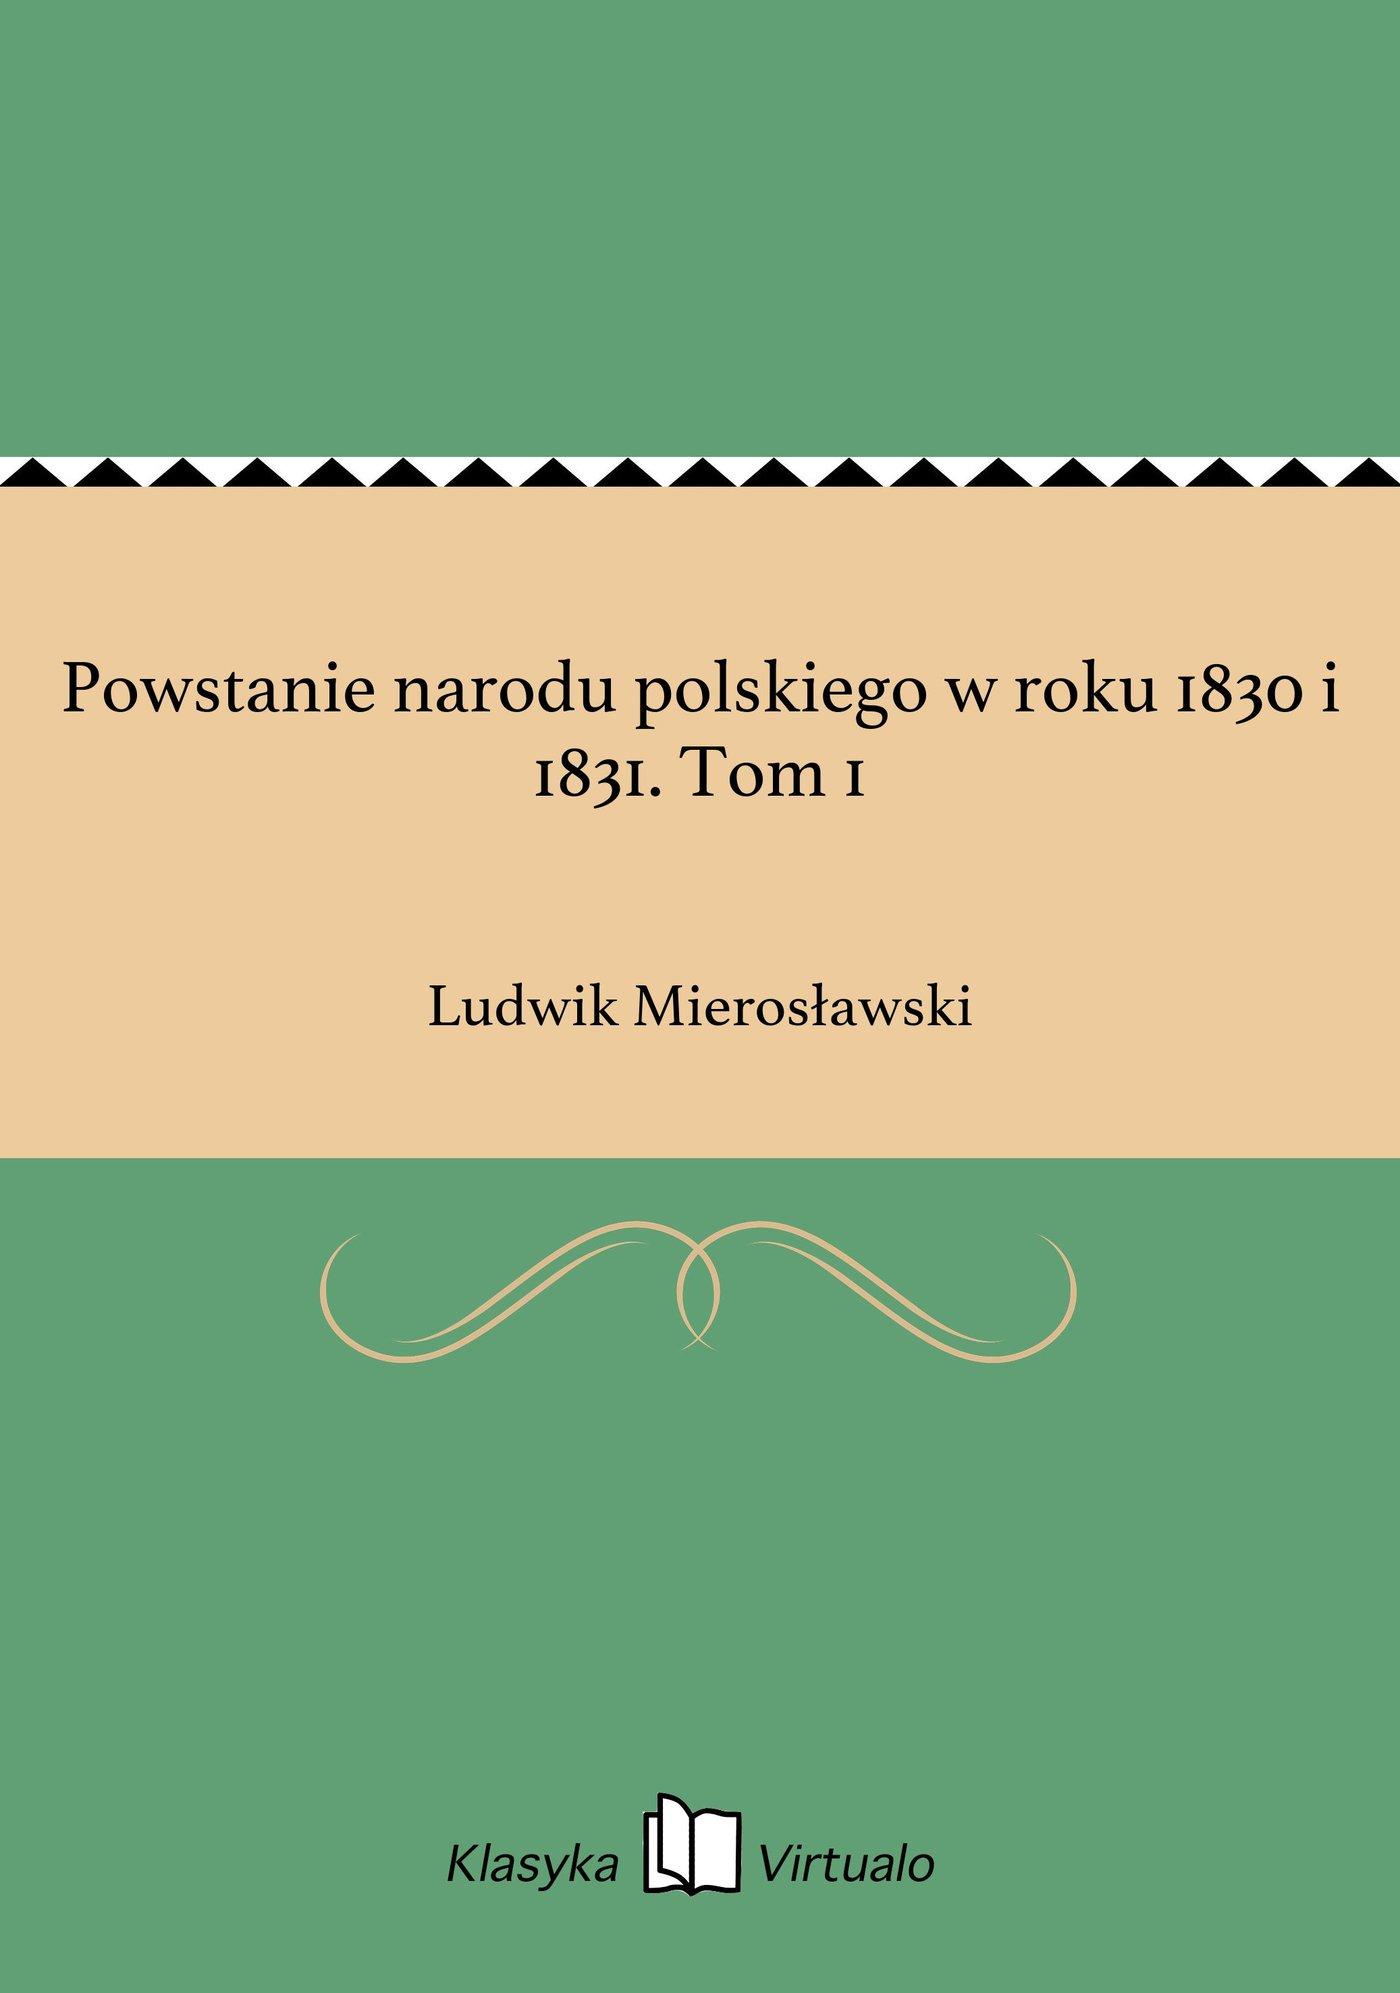 Powstanie narodu polskiego w roku 1830 i 1831. Tom 1 - Ebook (Książka EPUB) do pobrania w formacie EPUB